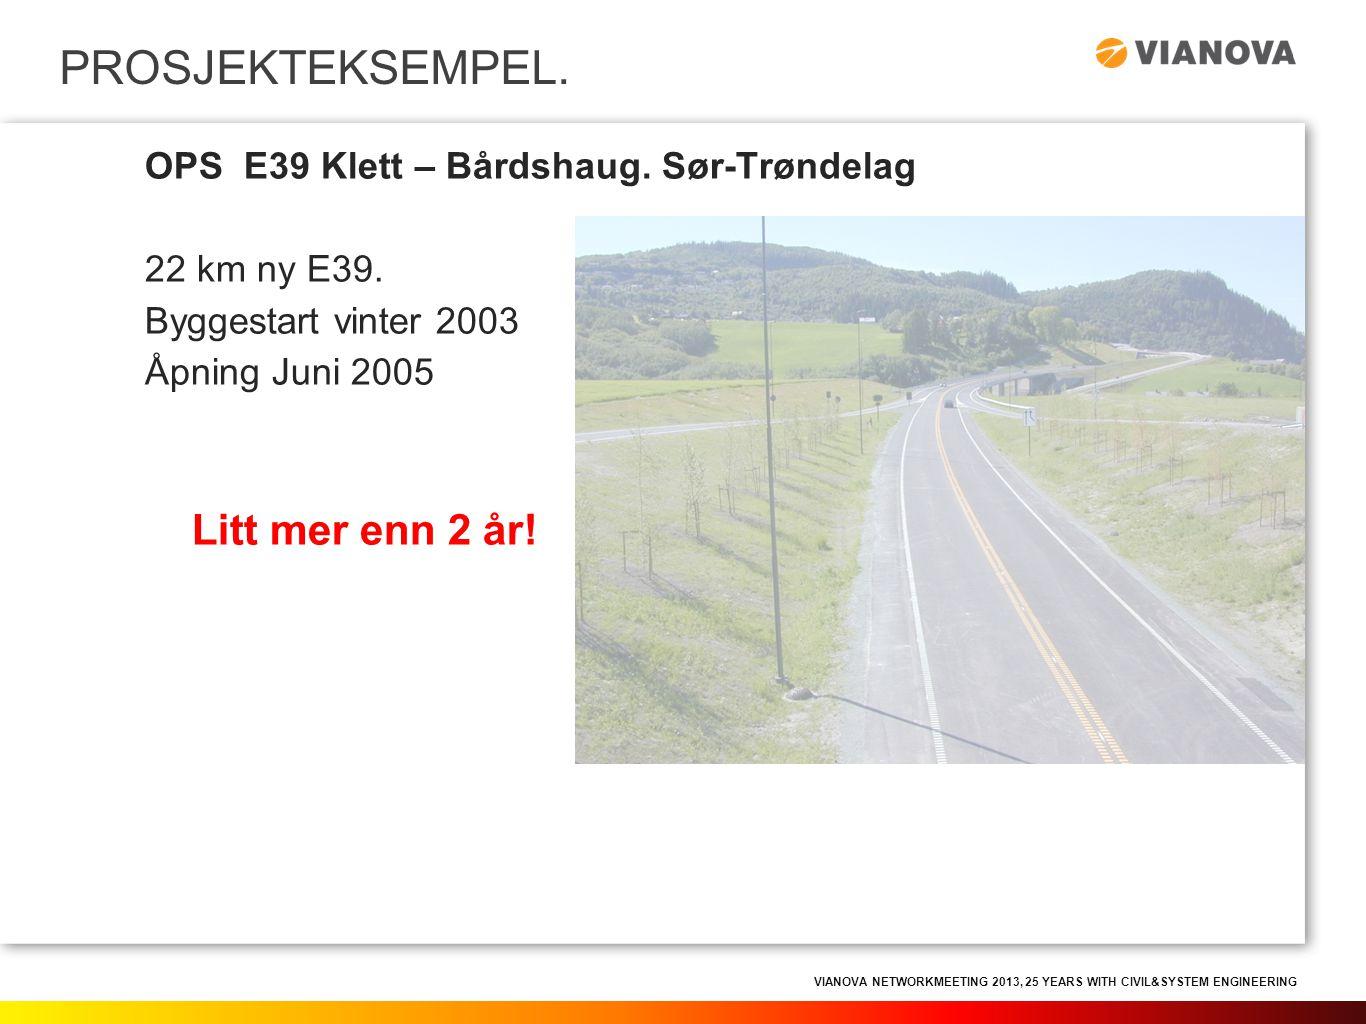 VIANOVA NETWORKMEETING 2013, 25 YEARS WITH CIVIL&SYSTEM ENGINEERING PROSJEKTEKSEMPEL. OPS E39 Klett – Bårdshaug. Sør-Trøndelag 22 km ny E39. Byggestar